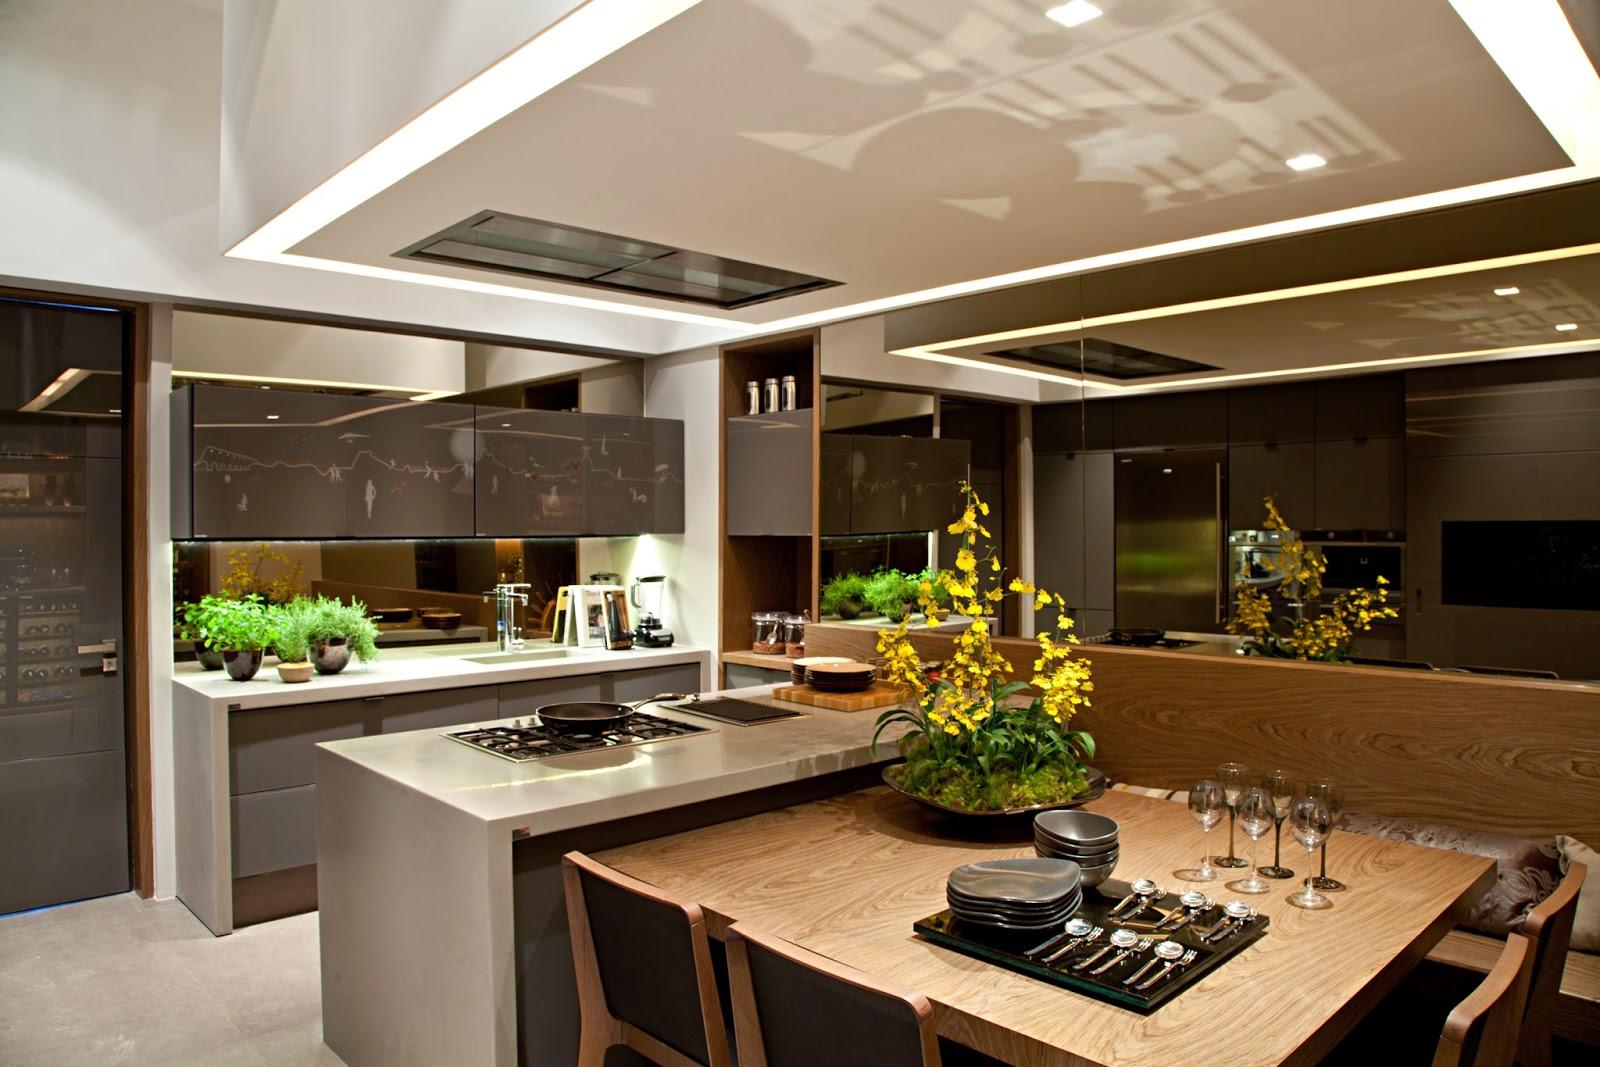 Cozinhas com ilhas – veja dicas   30 modelos de ilhas de cocção e  #B6A315 1600 1067